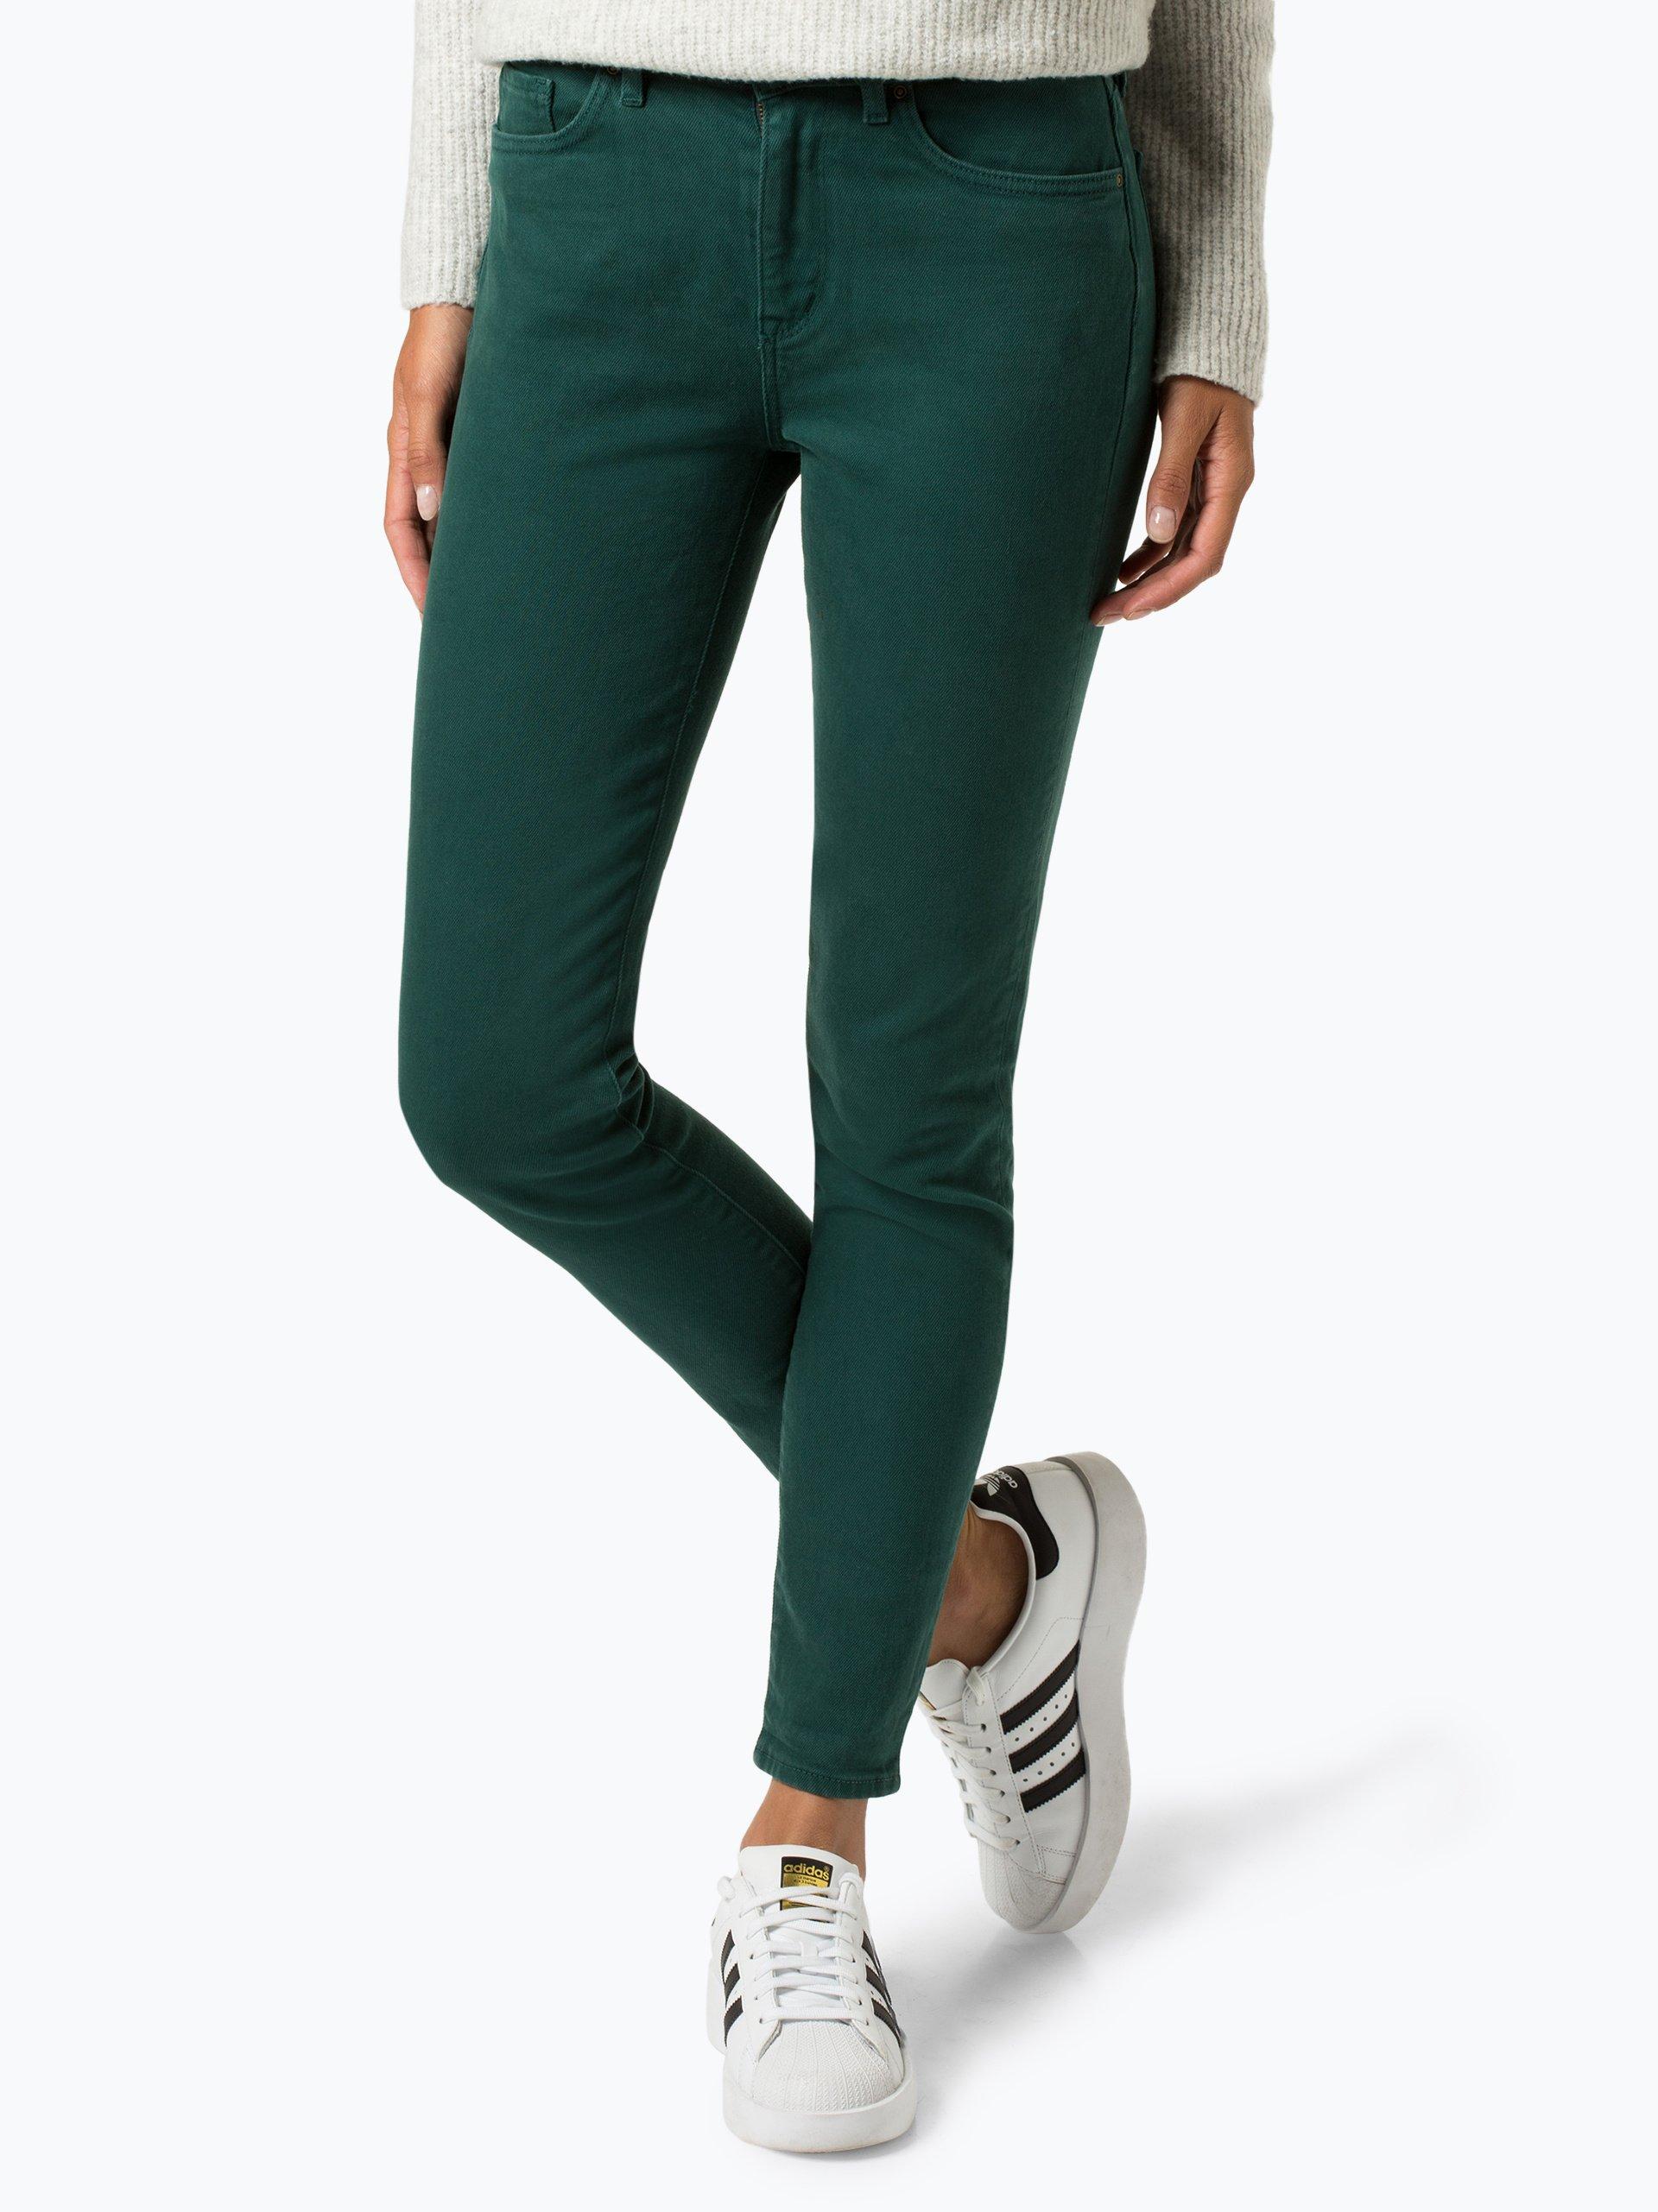 tommy hilfiger damen jeans venice online kaufen. Black Bedroom Furniture Sets. Home Design Ideas